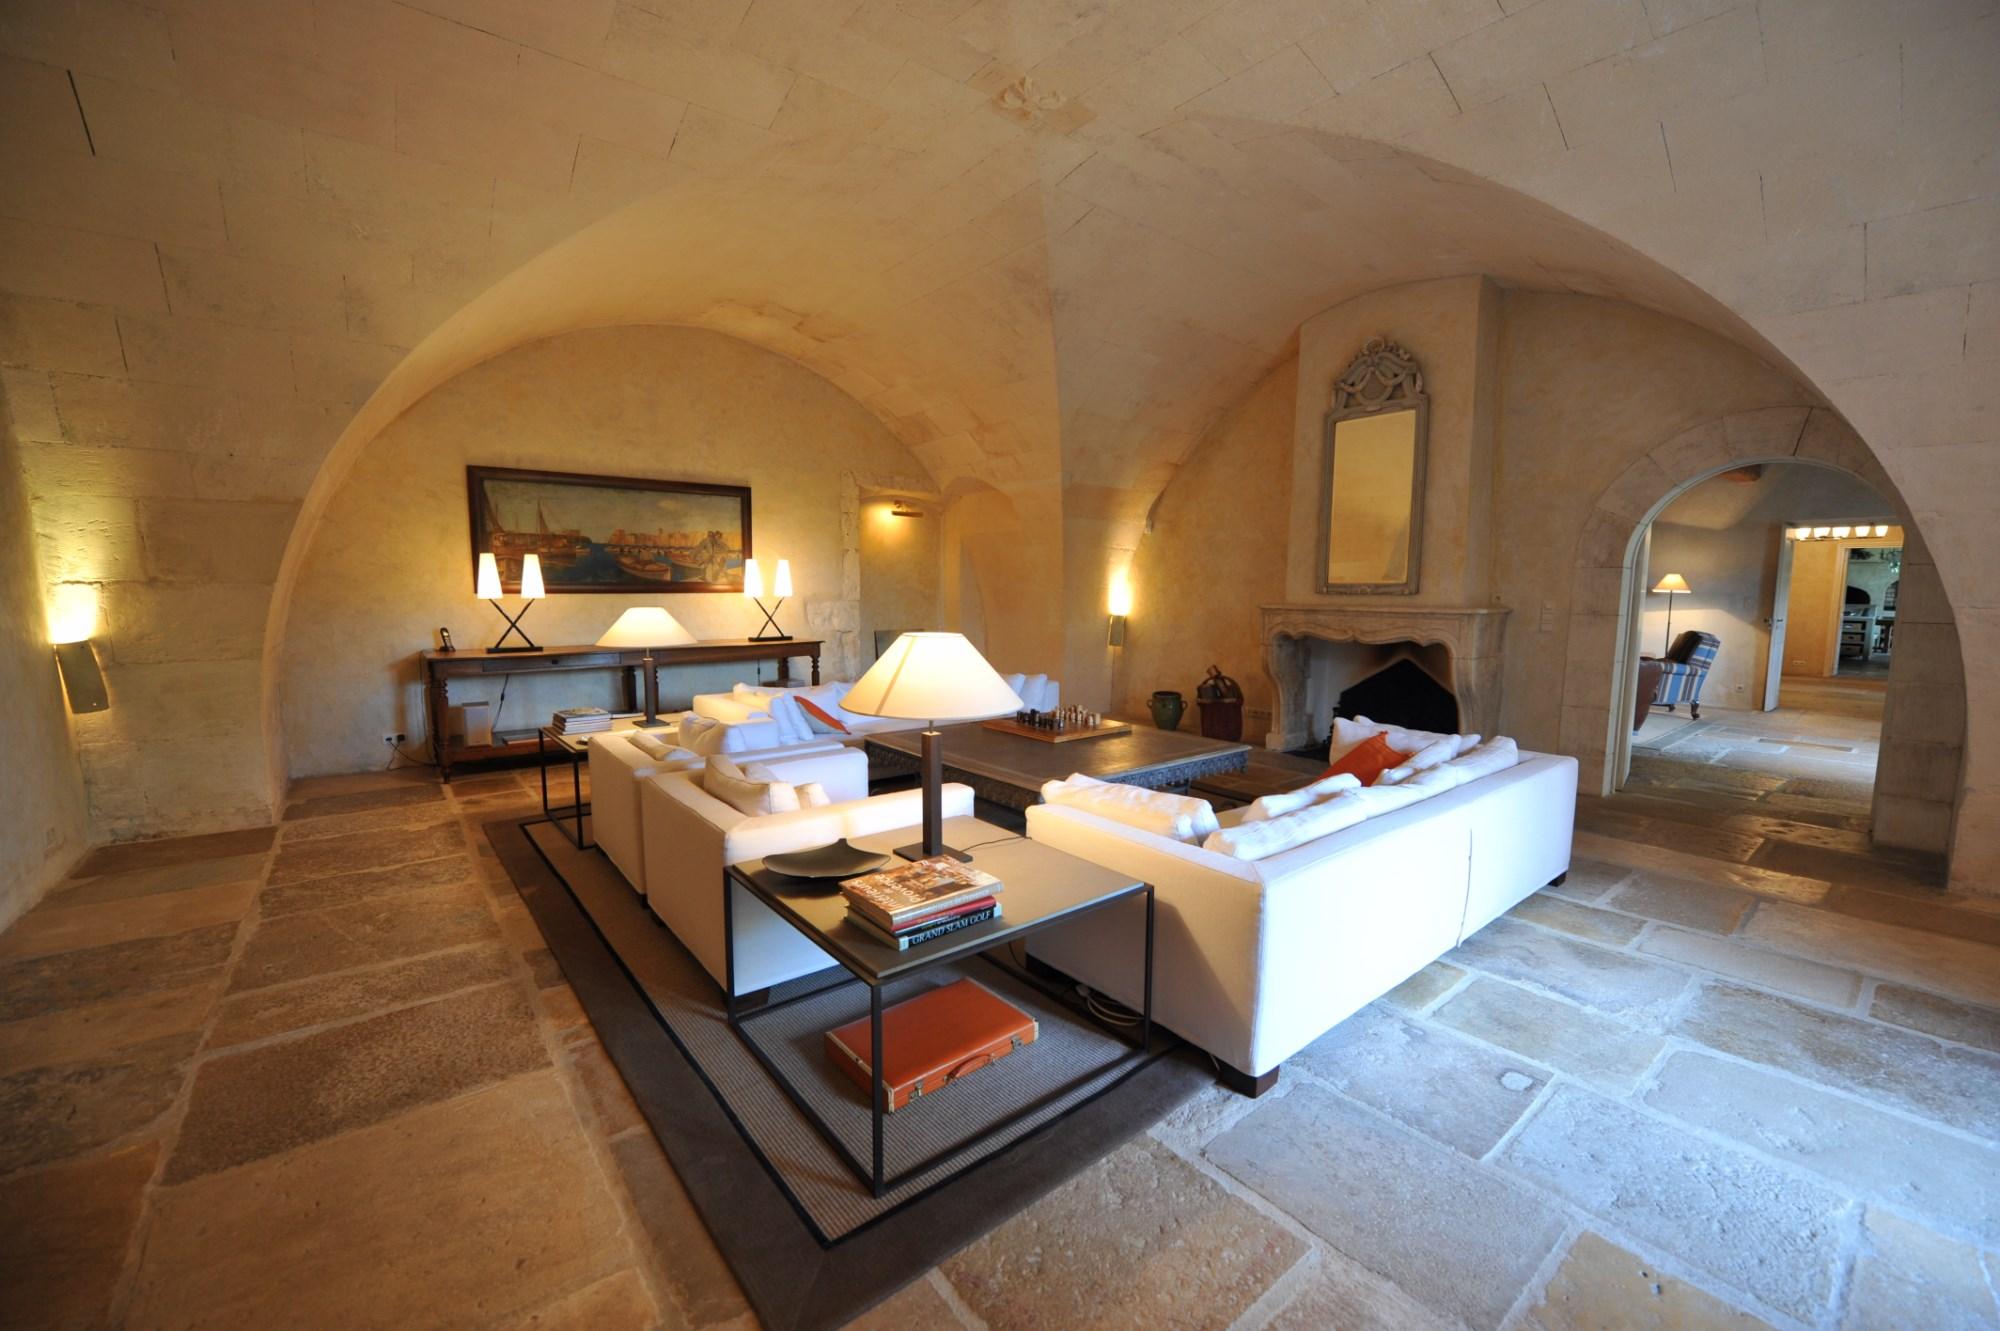 Alpilles,  à vendre, exceptionnelle propriété, composée d'un mas en pierres et de ses dépendances  agrémentée d'un jardin de plus de 2000 m² avec piscine et pool house